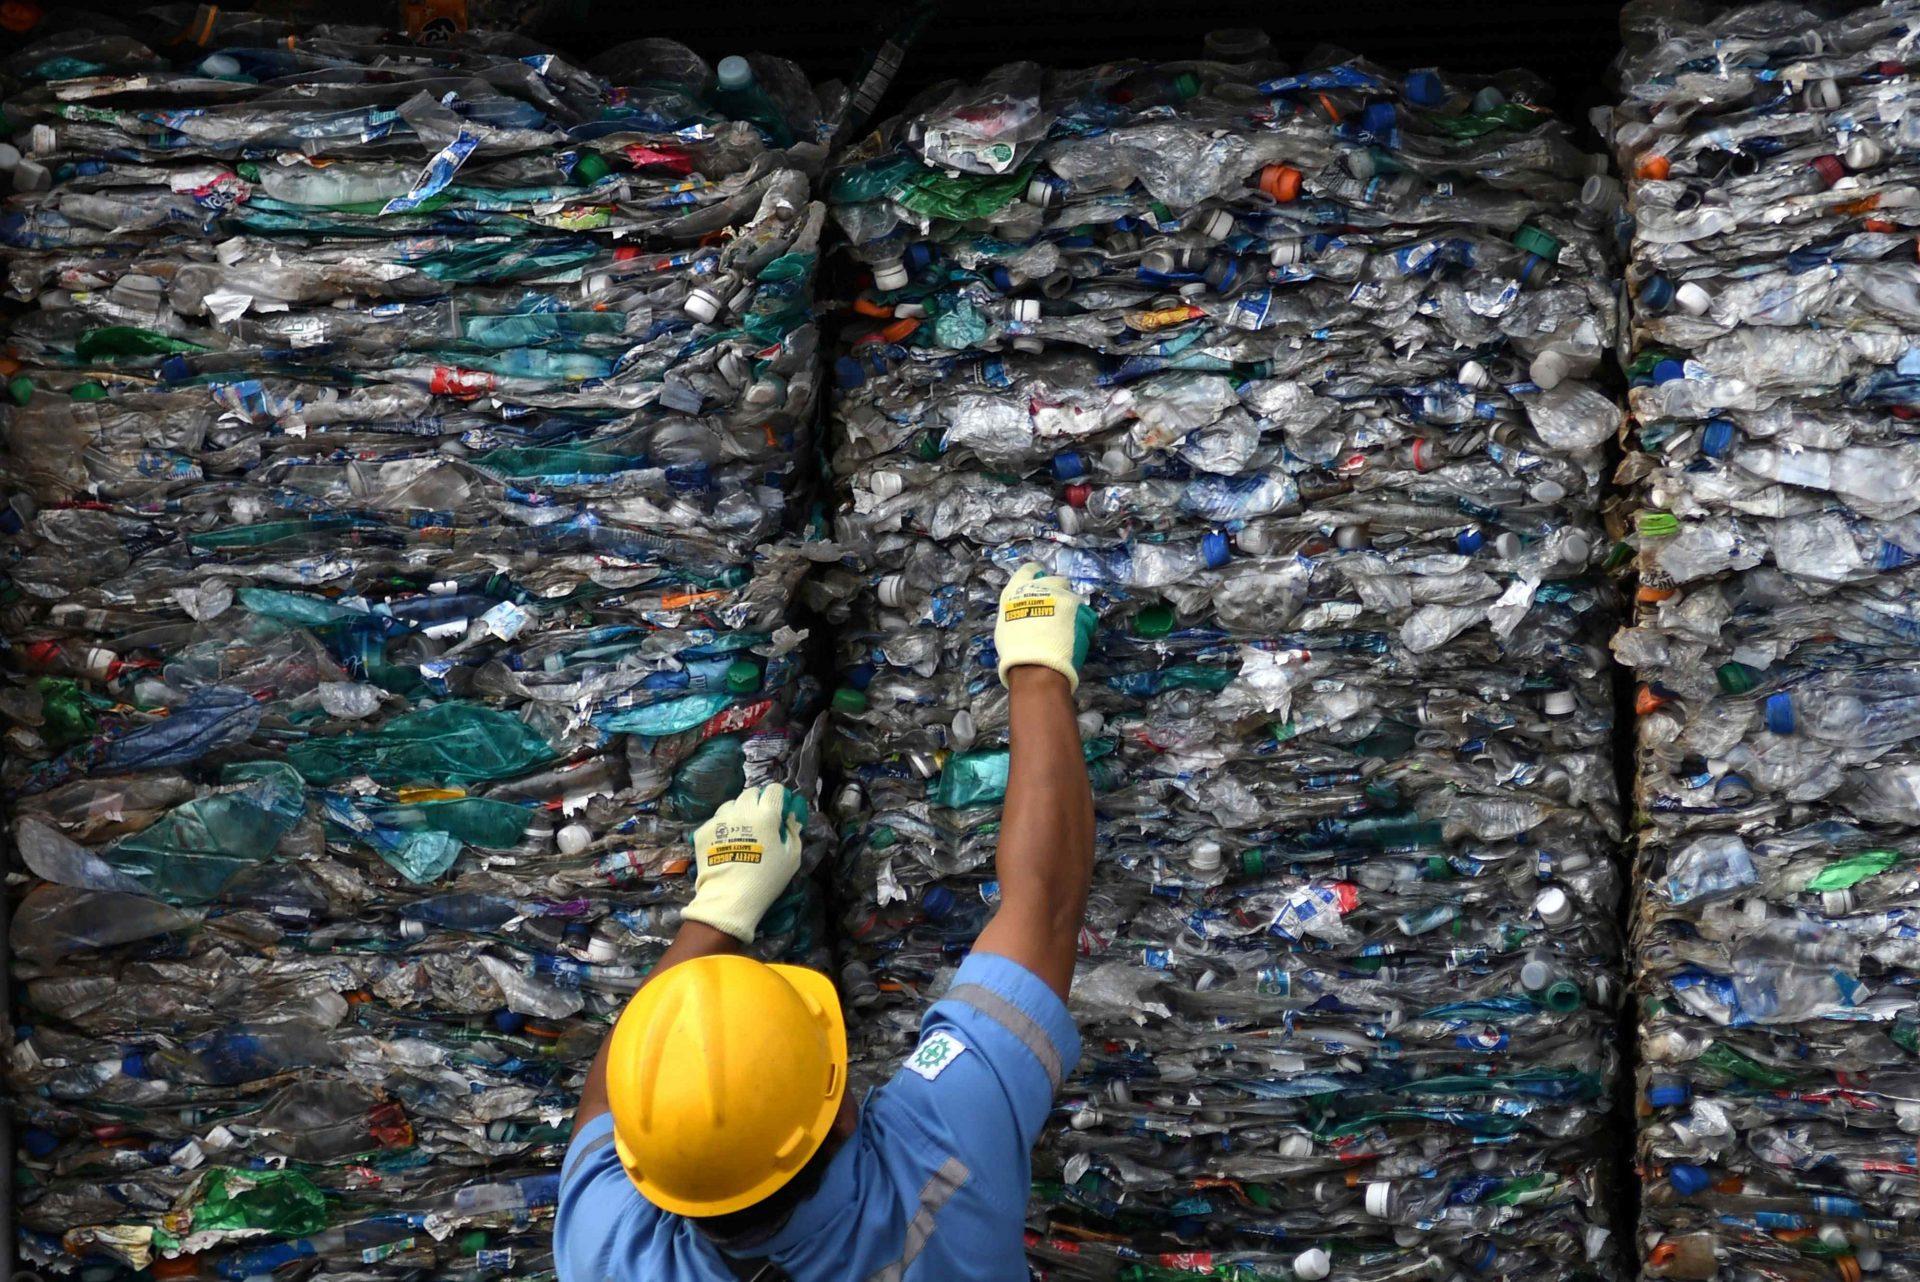 حذف پلاستیک از زنجیره صنایع بسته بندی اقدام کند